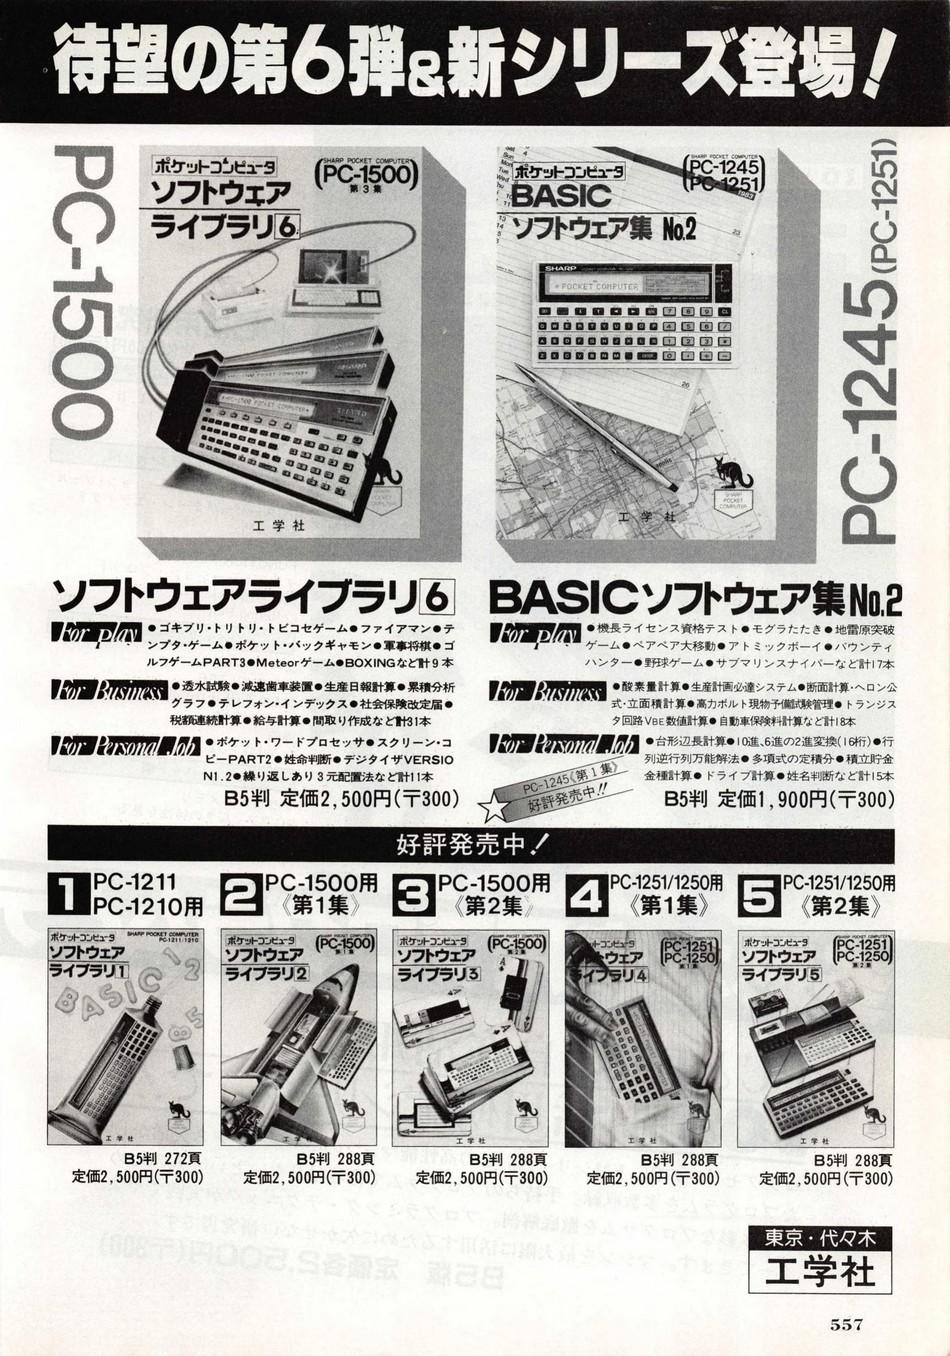 Sharp PC-1245 PC-1500